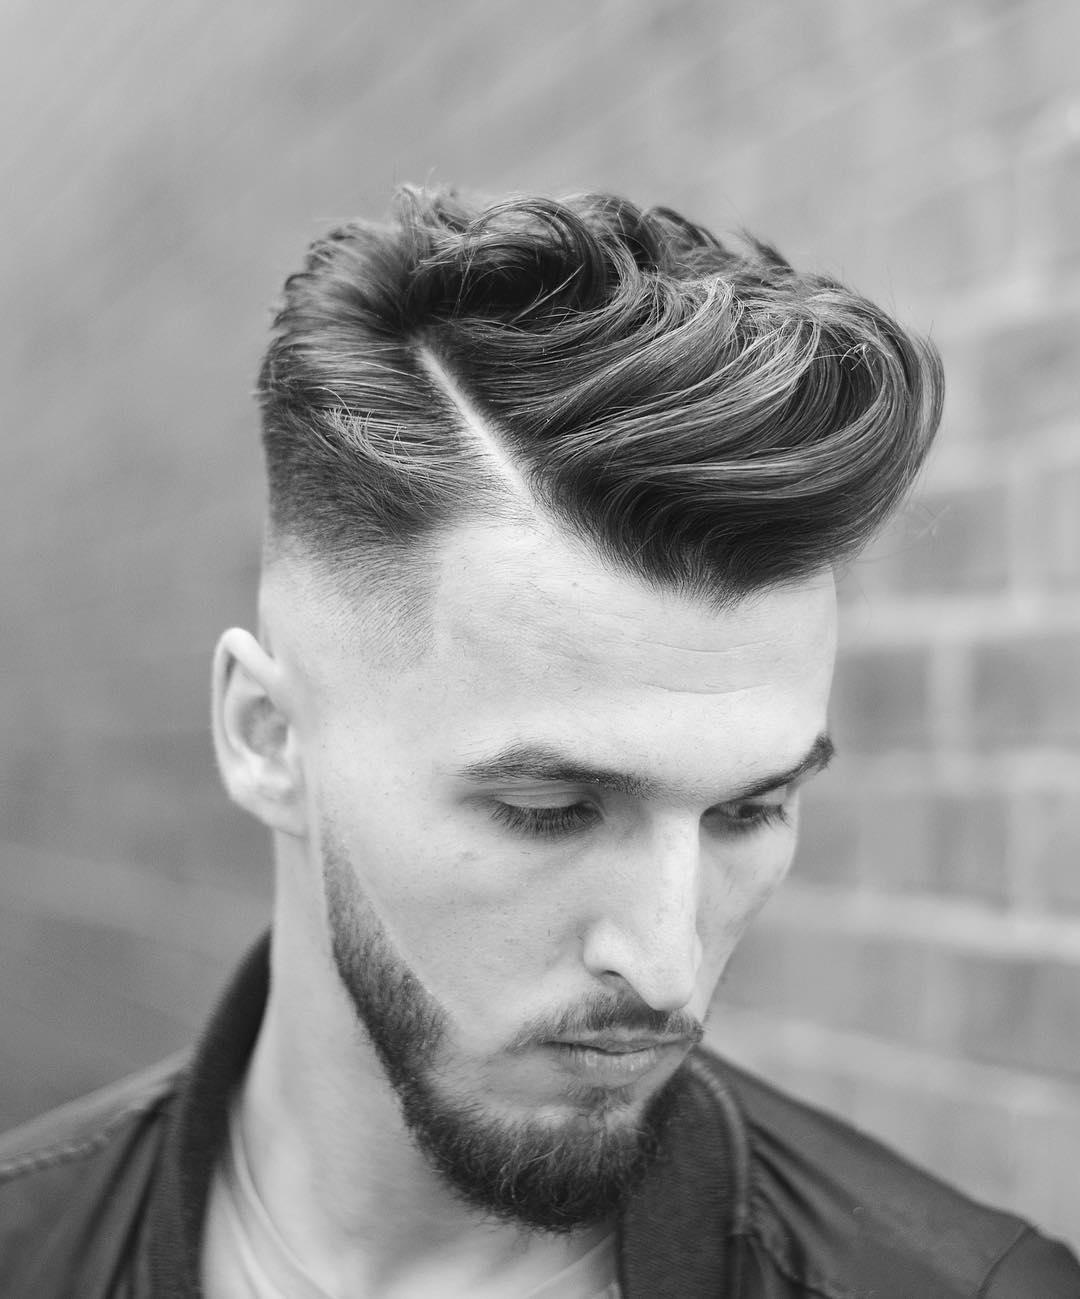 بالصور صور قصات شعر رجالي , اشيك قصات شعر للرجال 3507 3